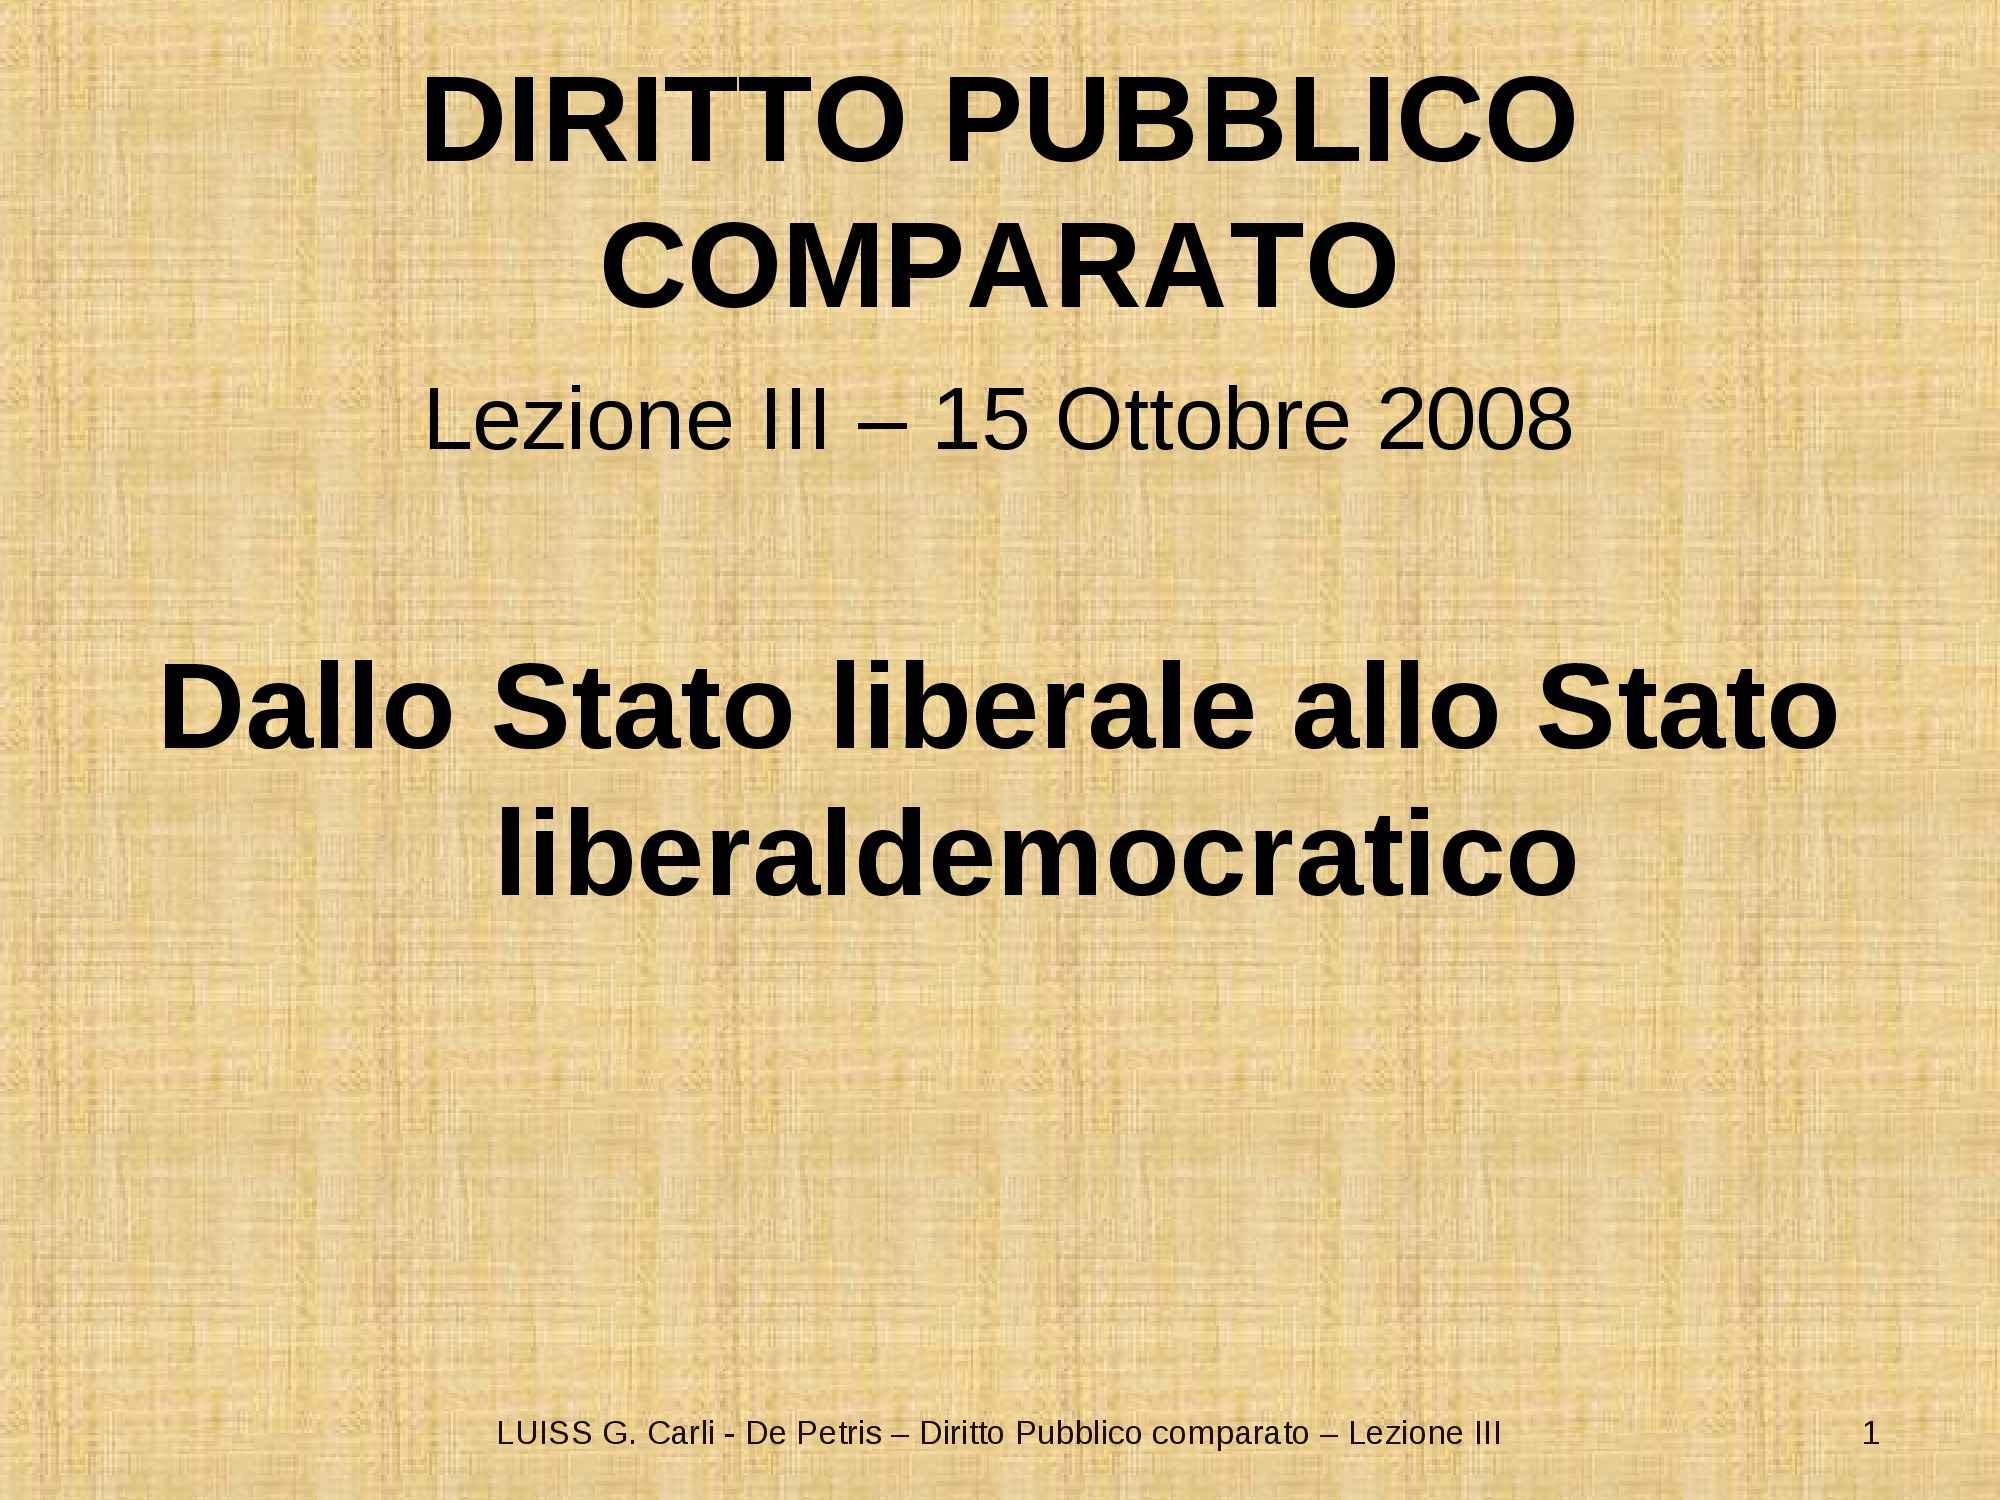 Dallo Stato liberale allo Stato liberal-democratico